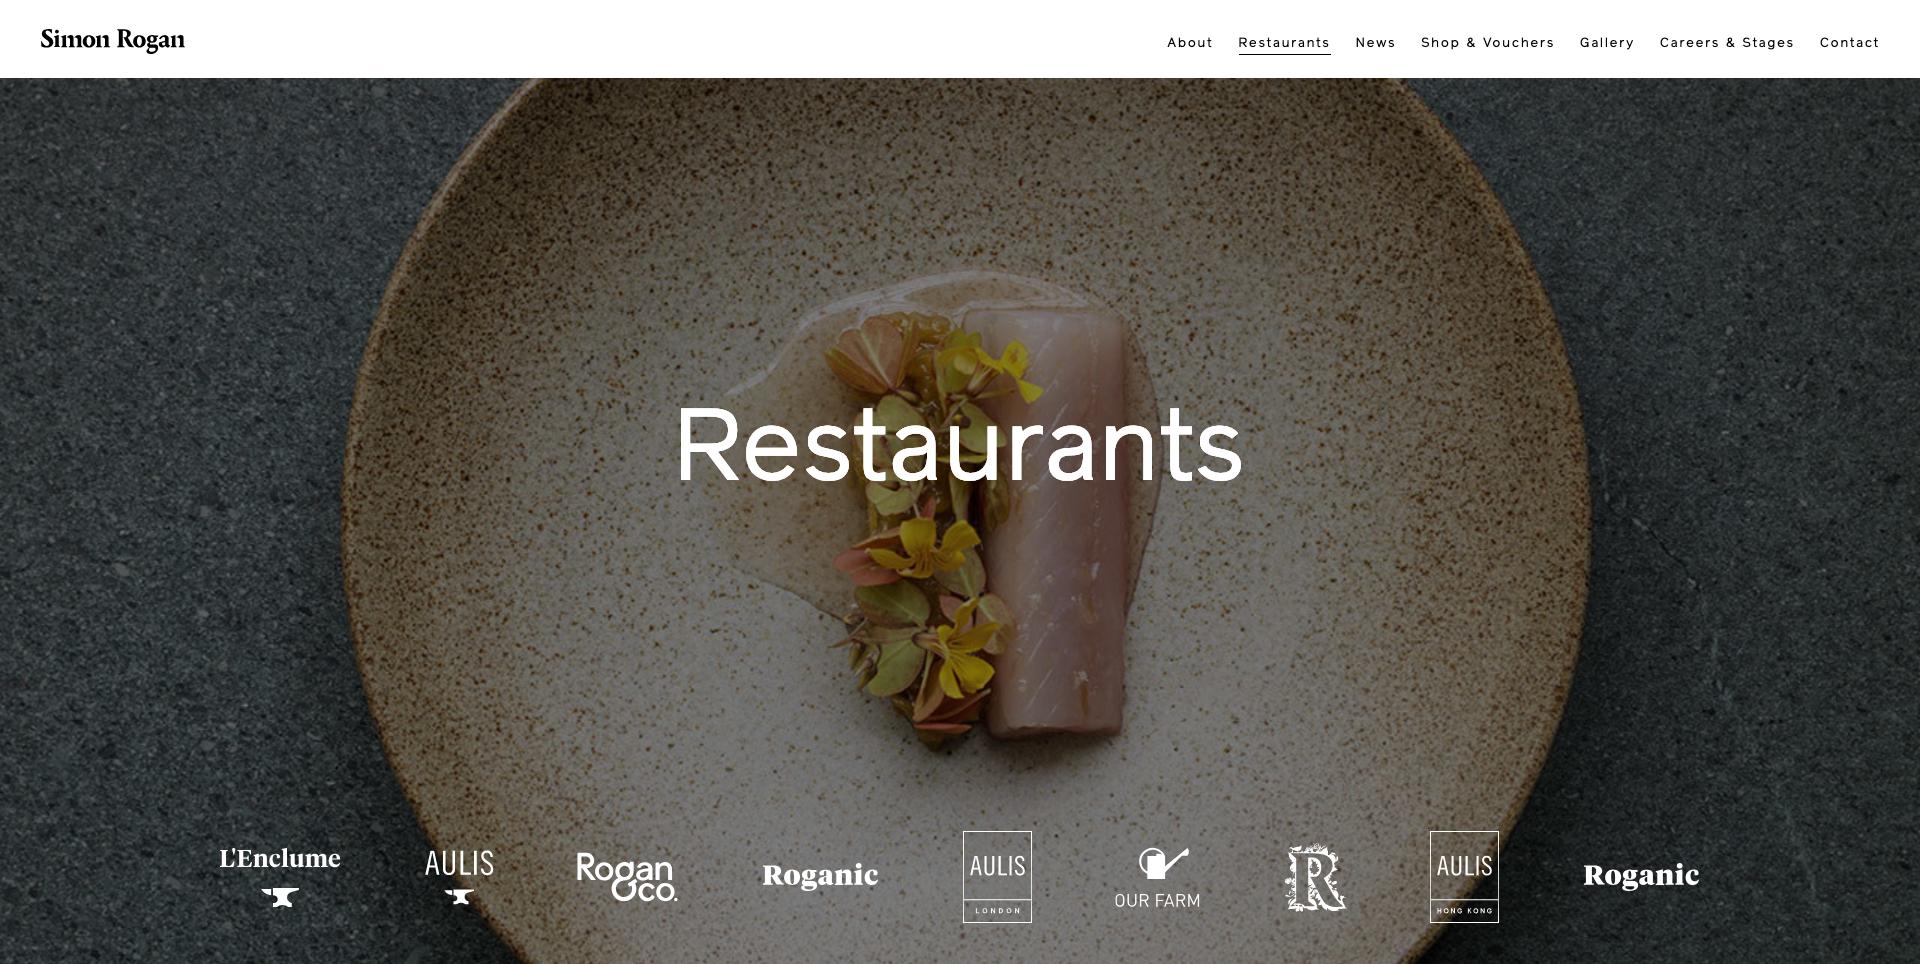 Simon Rogan Restaurant UK